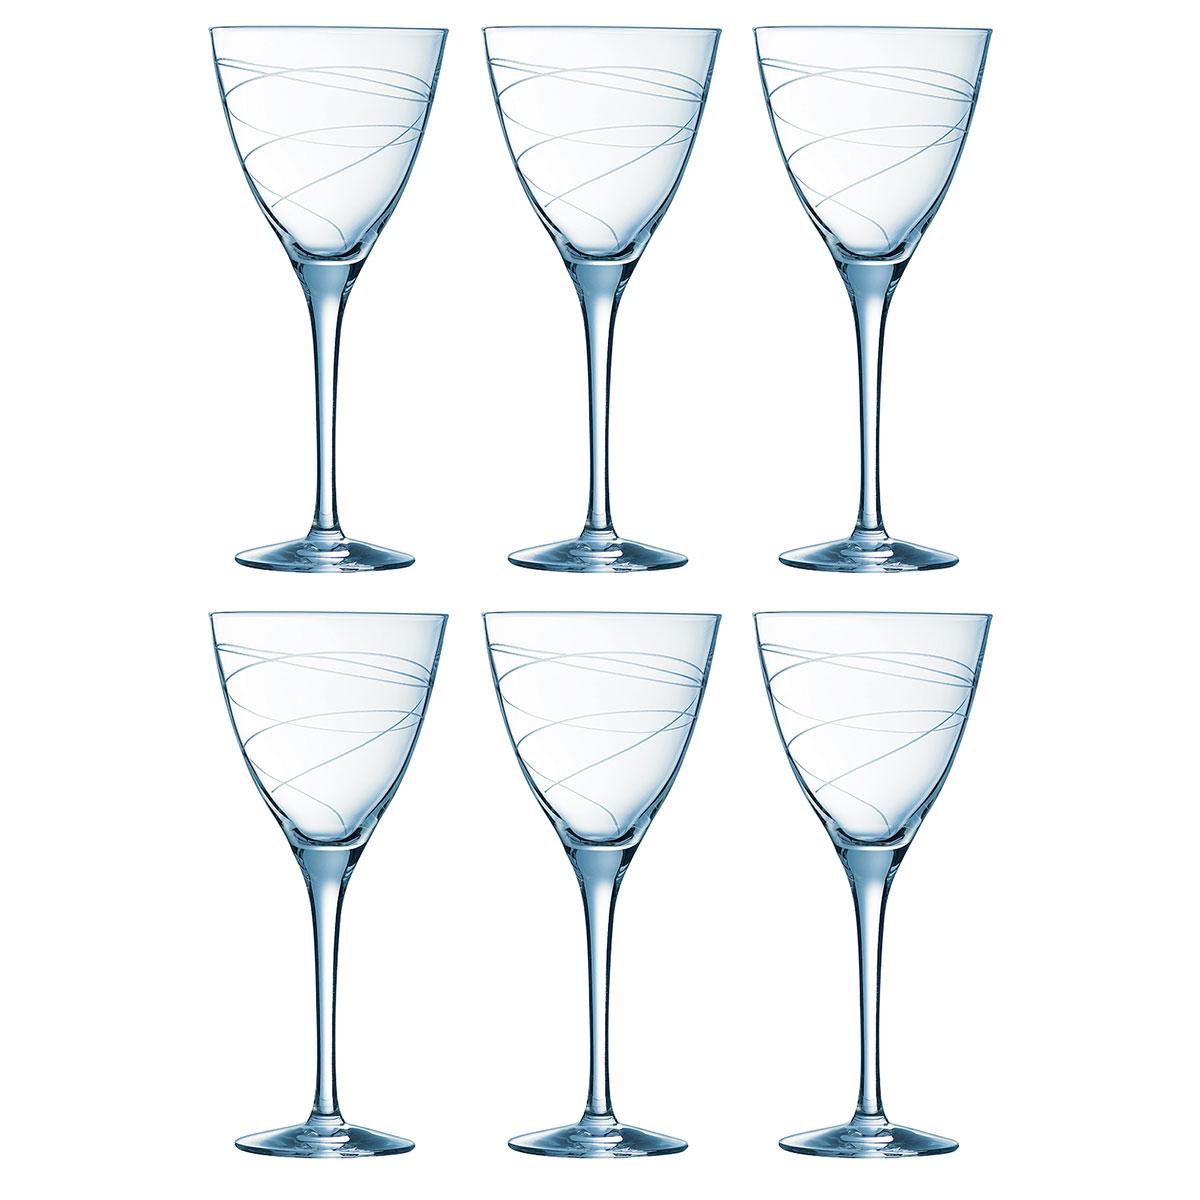 verre ondulation cristal d'arques